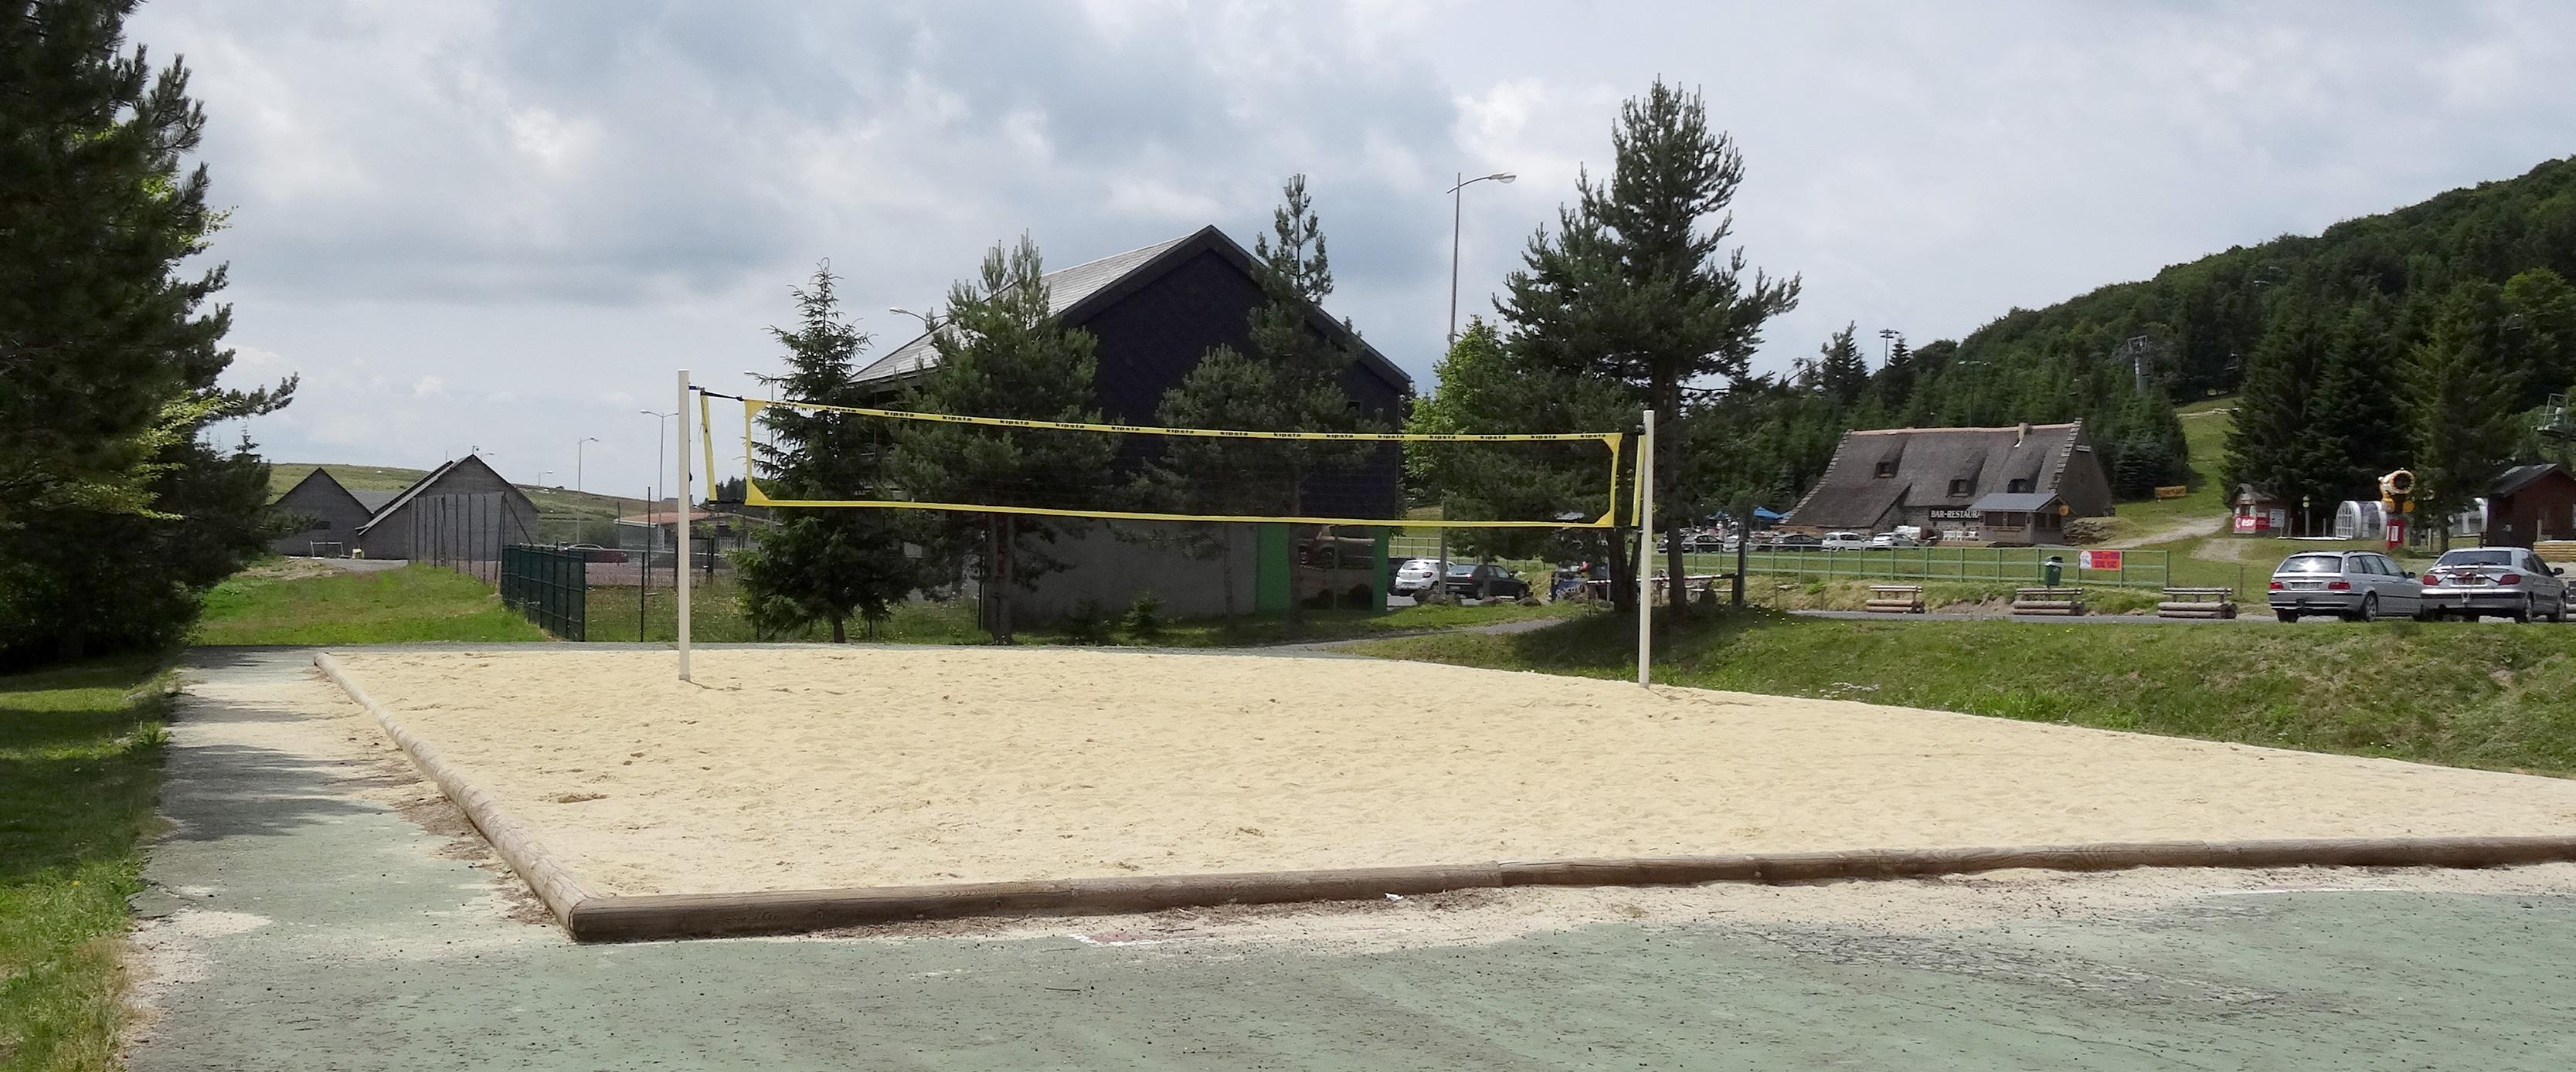 terrains-jeux-super-equipements-sports.jpg